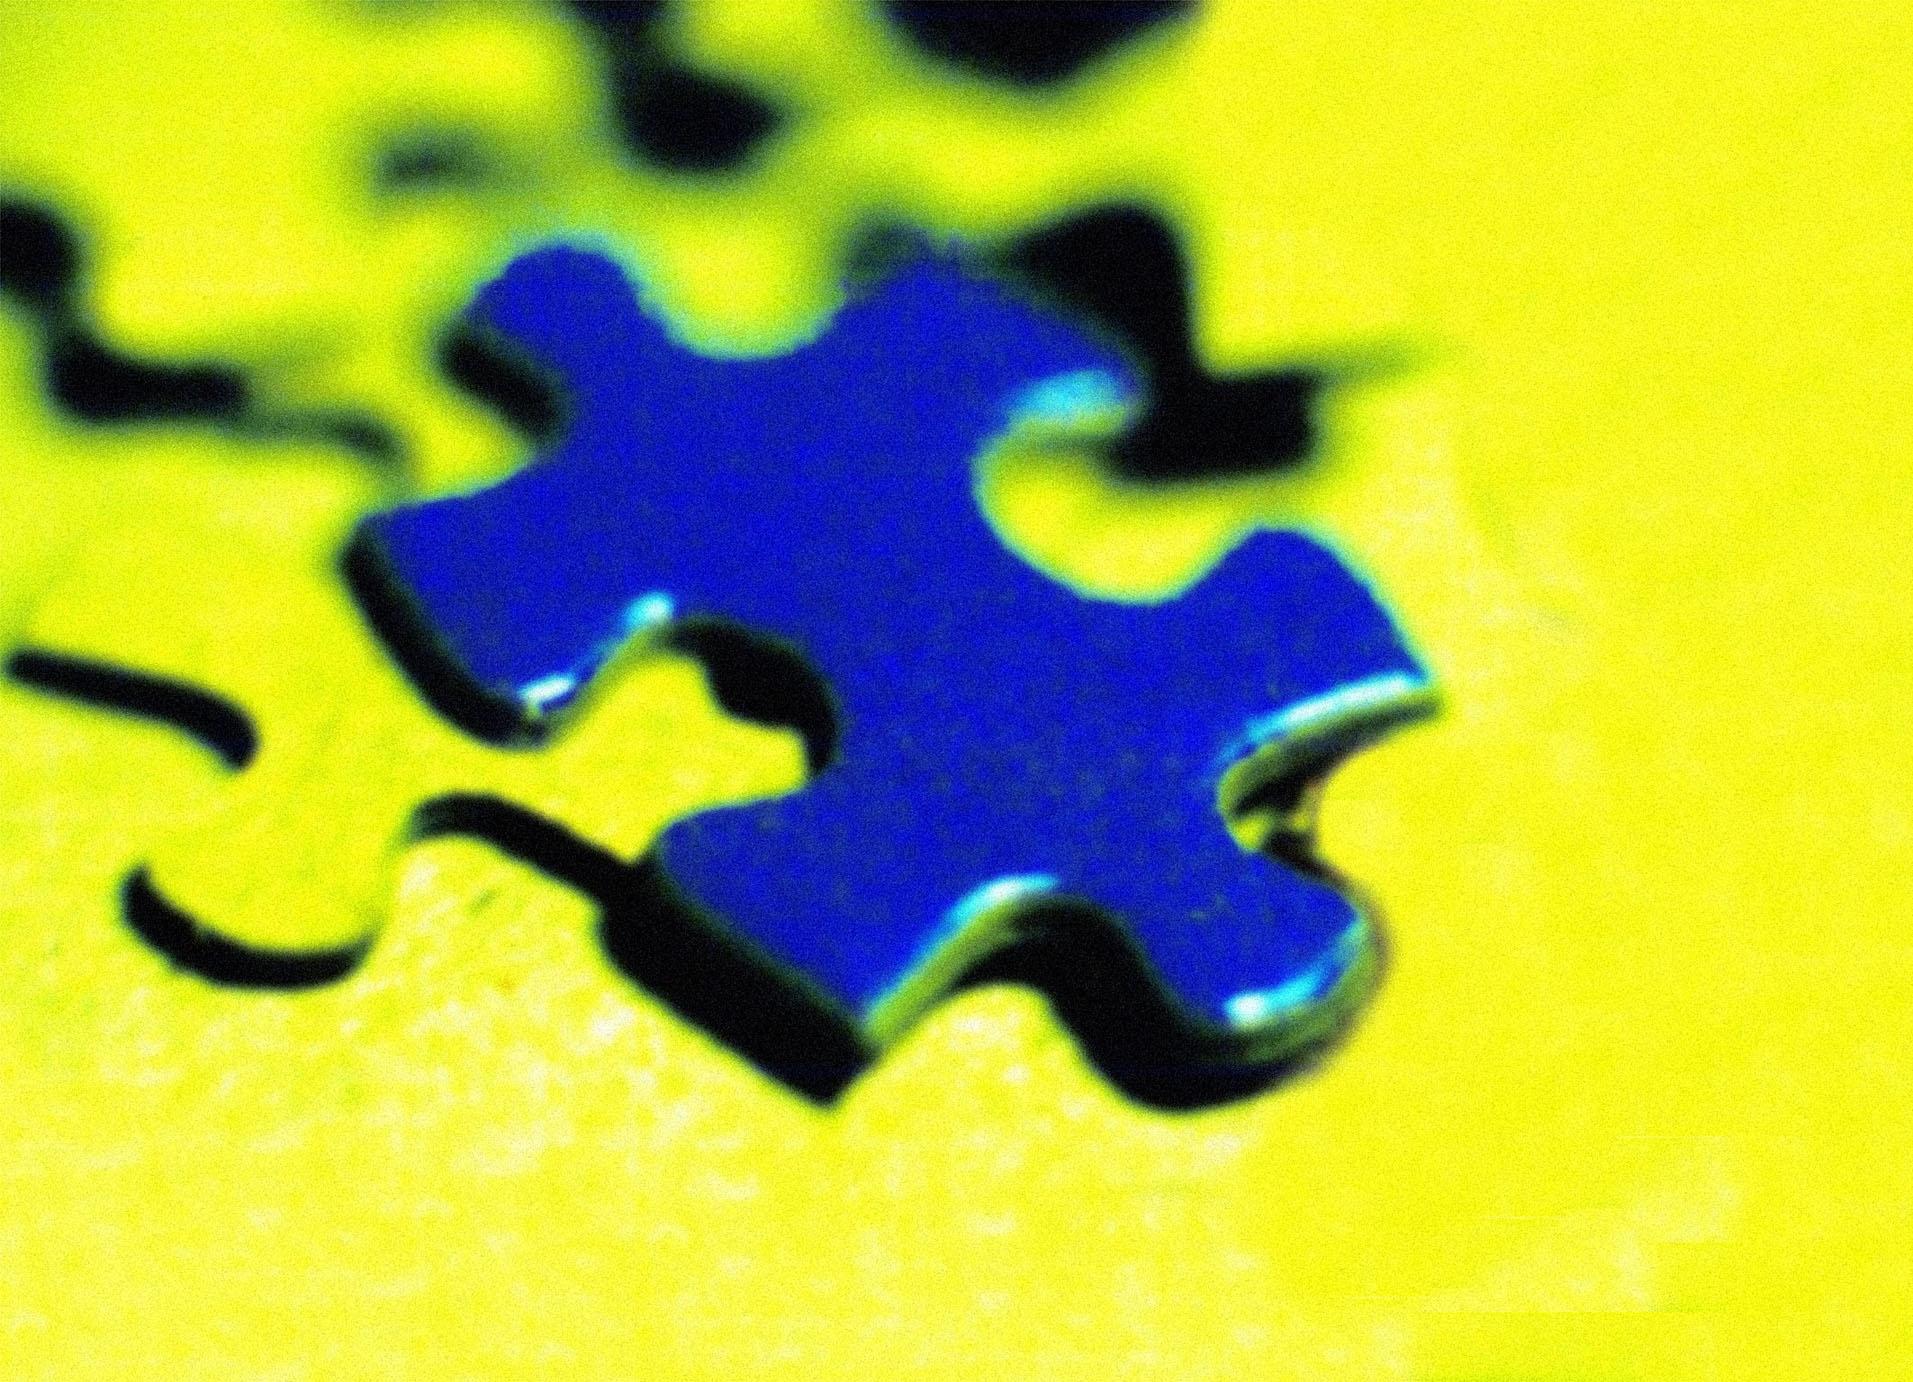 DEBITI P.A. Crediti delle imprese: migliorano i tempi di pagamento